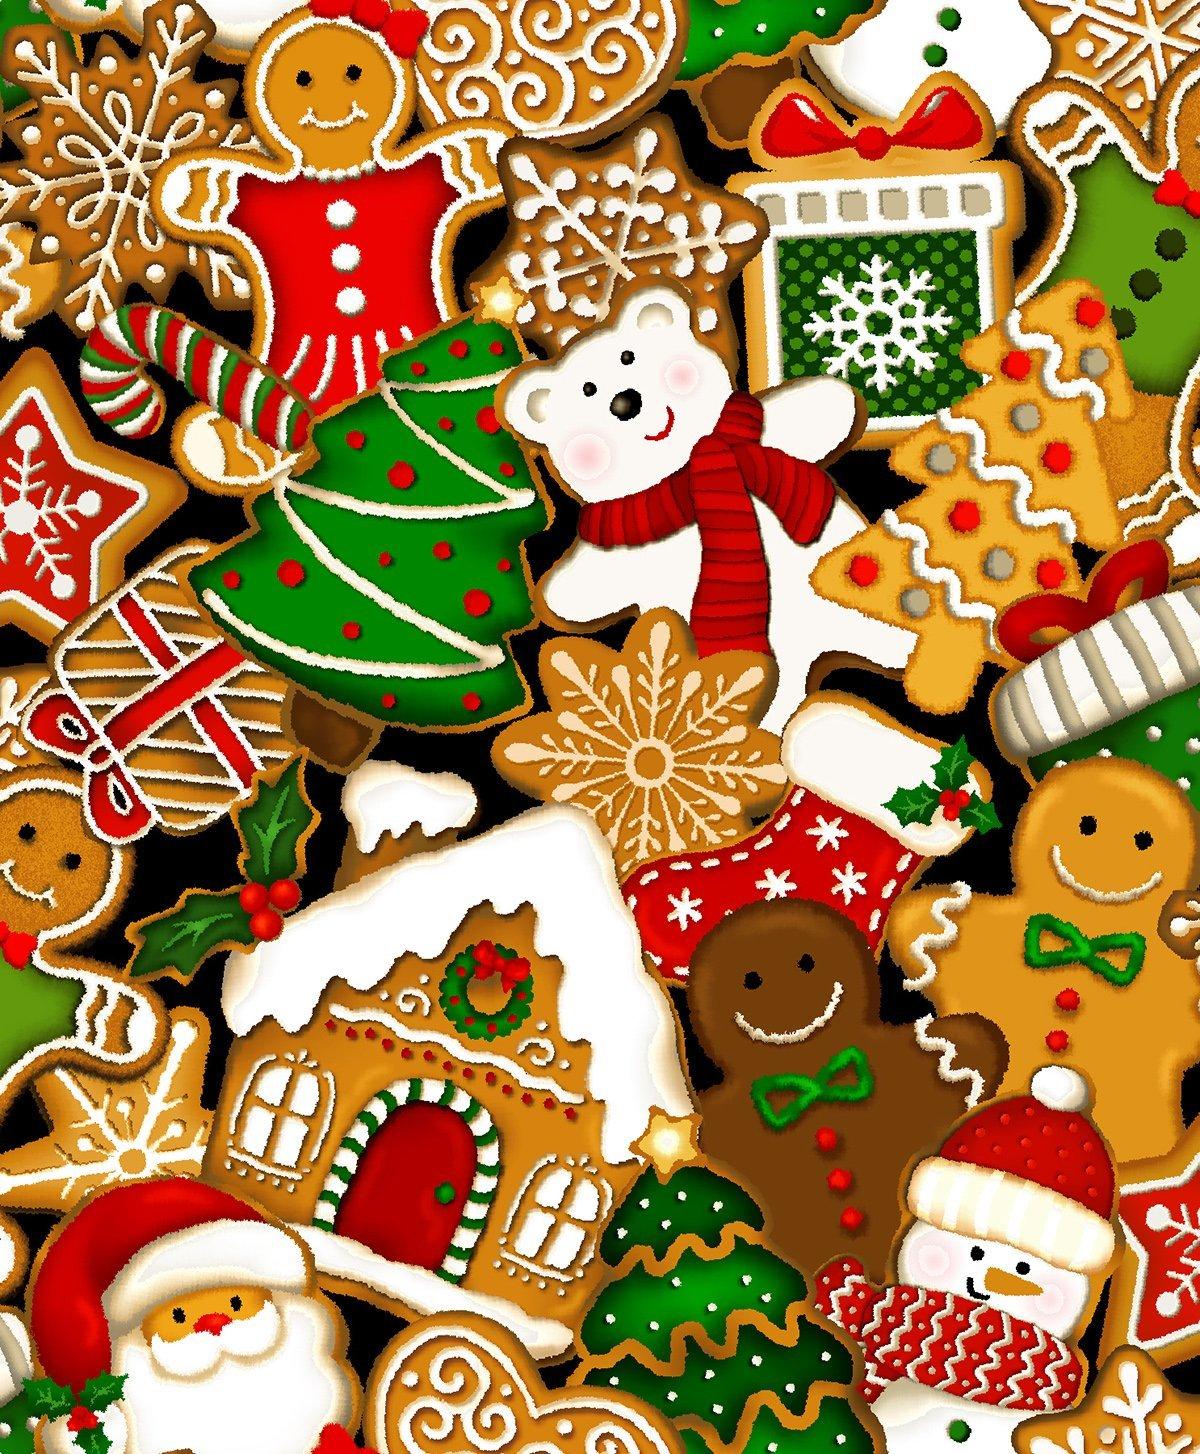 Noel 59-4411 Stacked Cookies